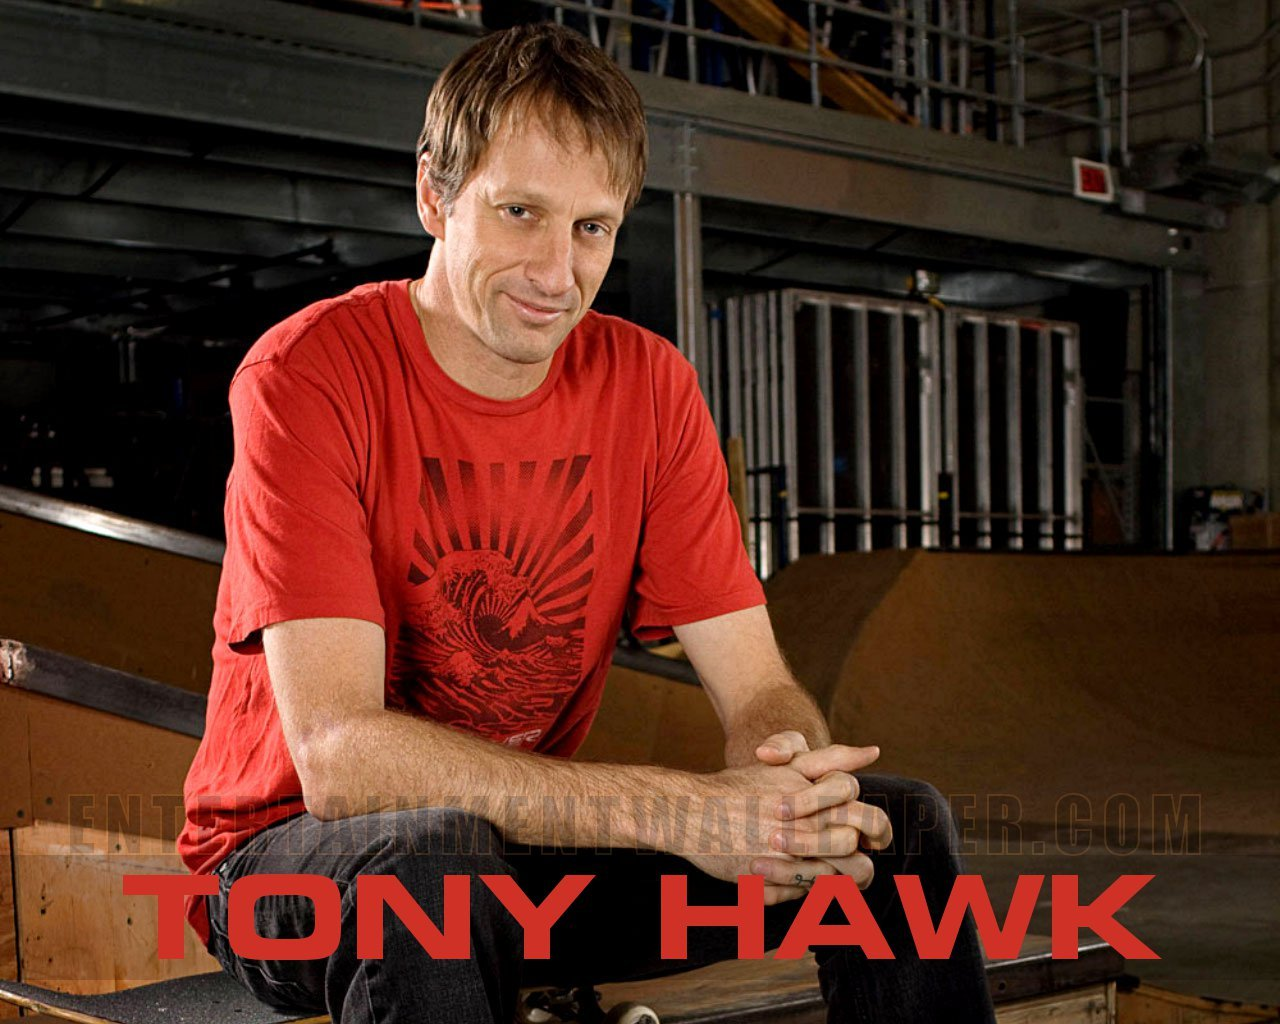 Tony Hawk Wallpaper